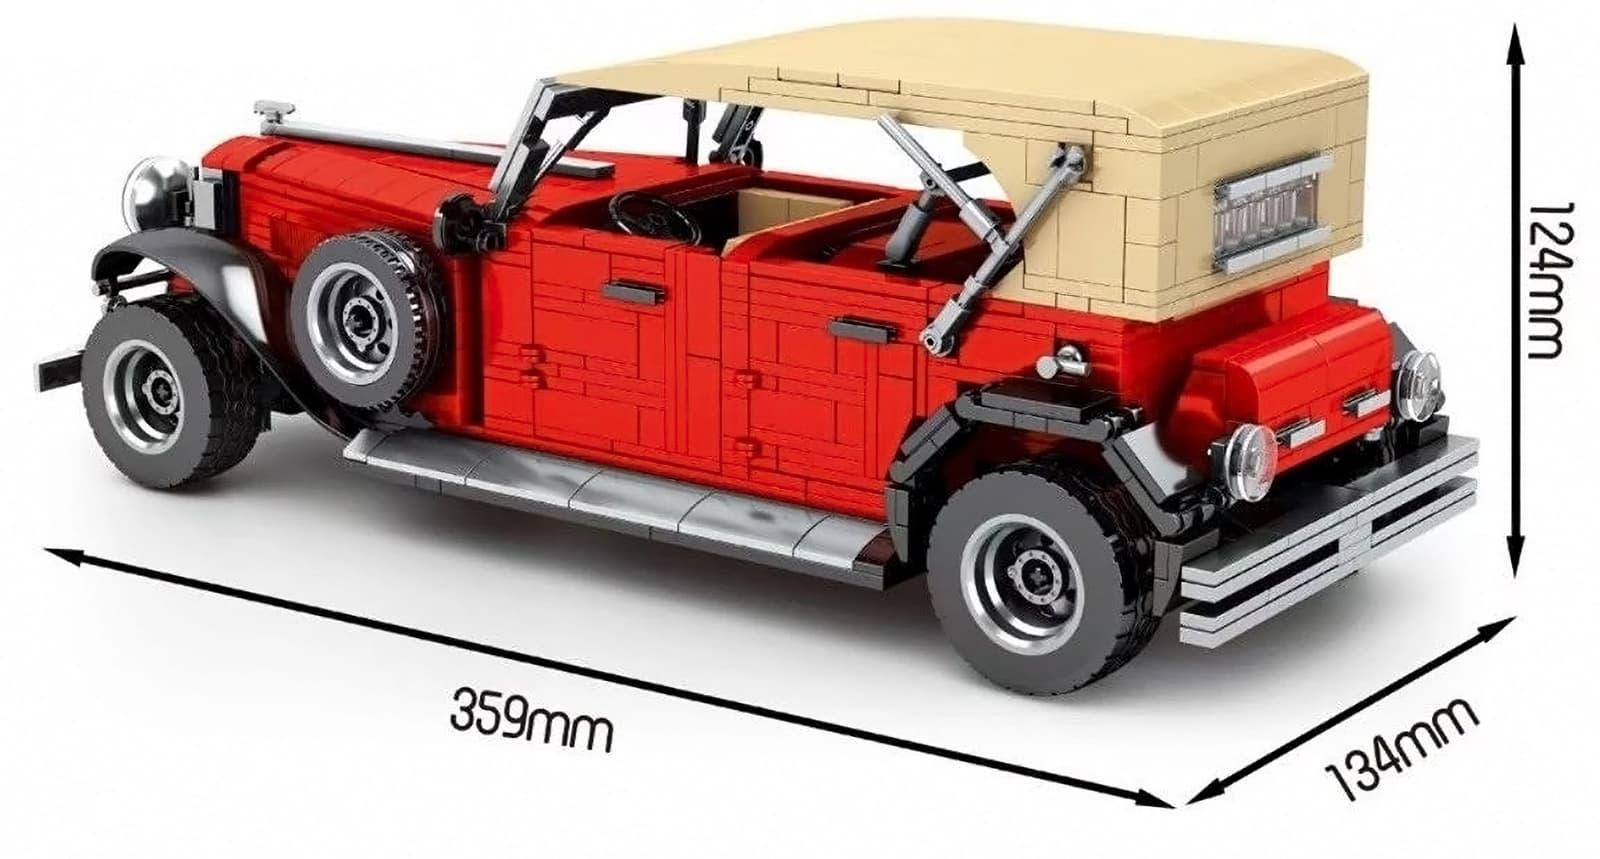 Конструктор Sheng Yuan 1:14 «Красный классический автомобиль» 8612 / 1134 детали